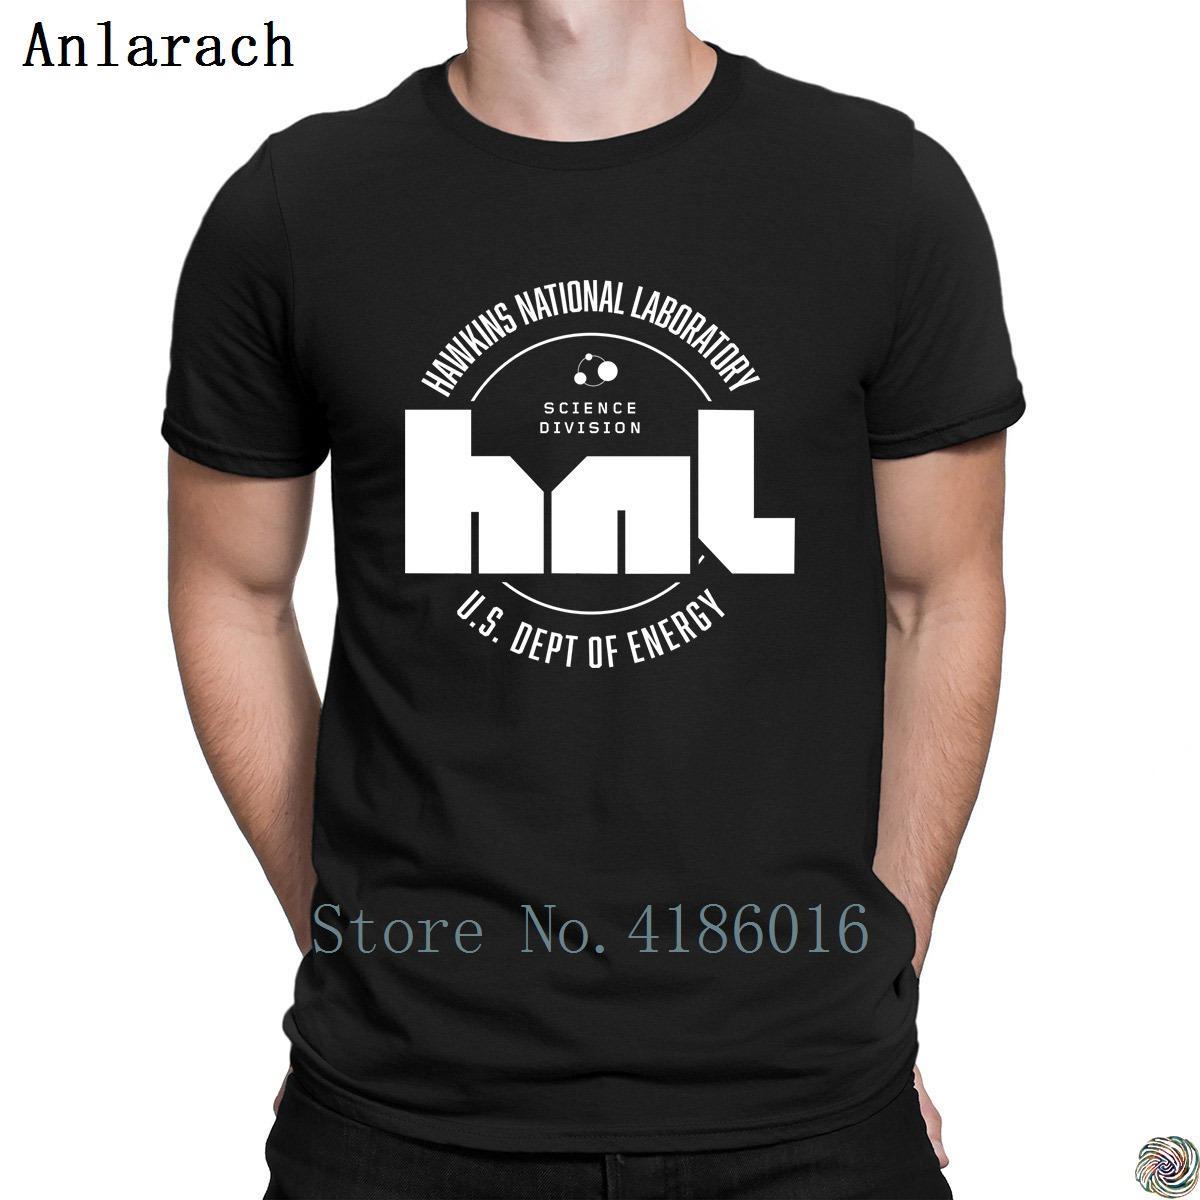 Hawkins National Laboratory t-shirt superiore Primavera Autunno elegante migliore maglietta per i vestiti degli uomini del O-Collo Anlarach Creatura